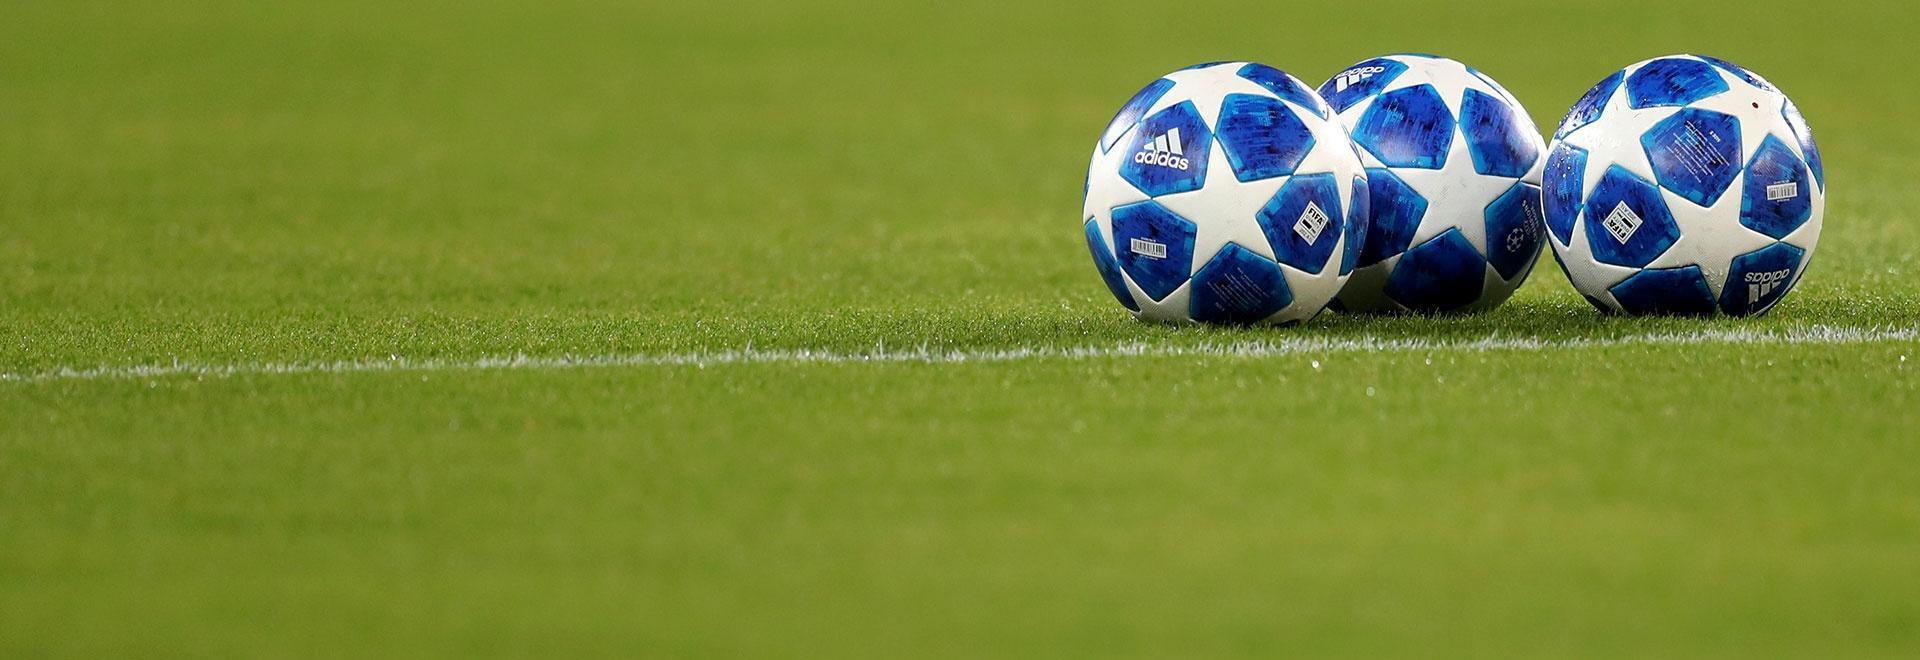 Ajax - Tottenham 08/05/19